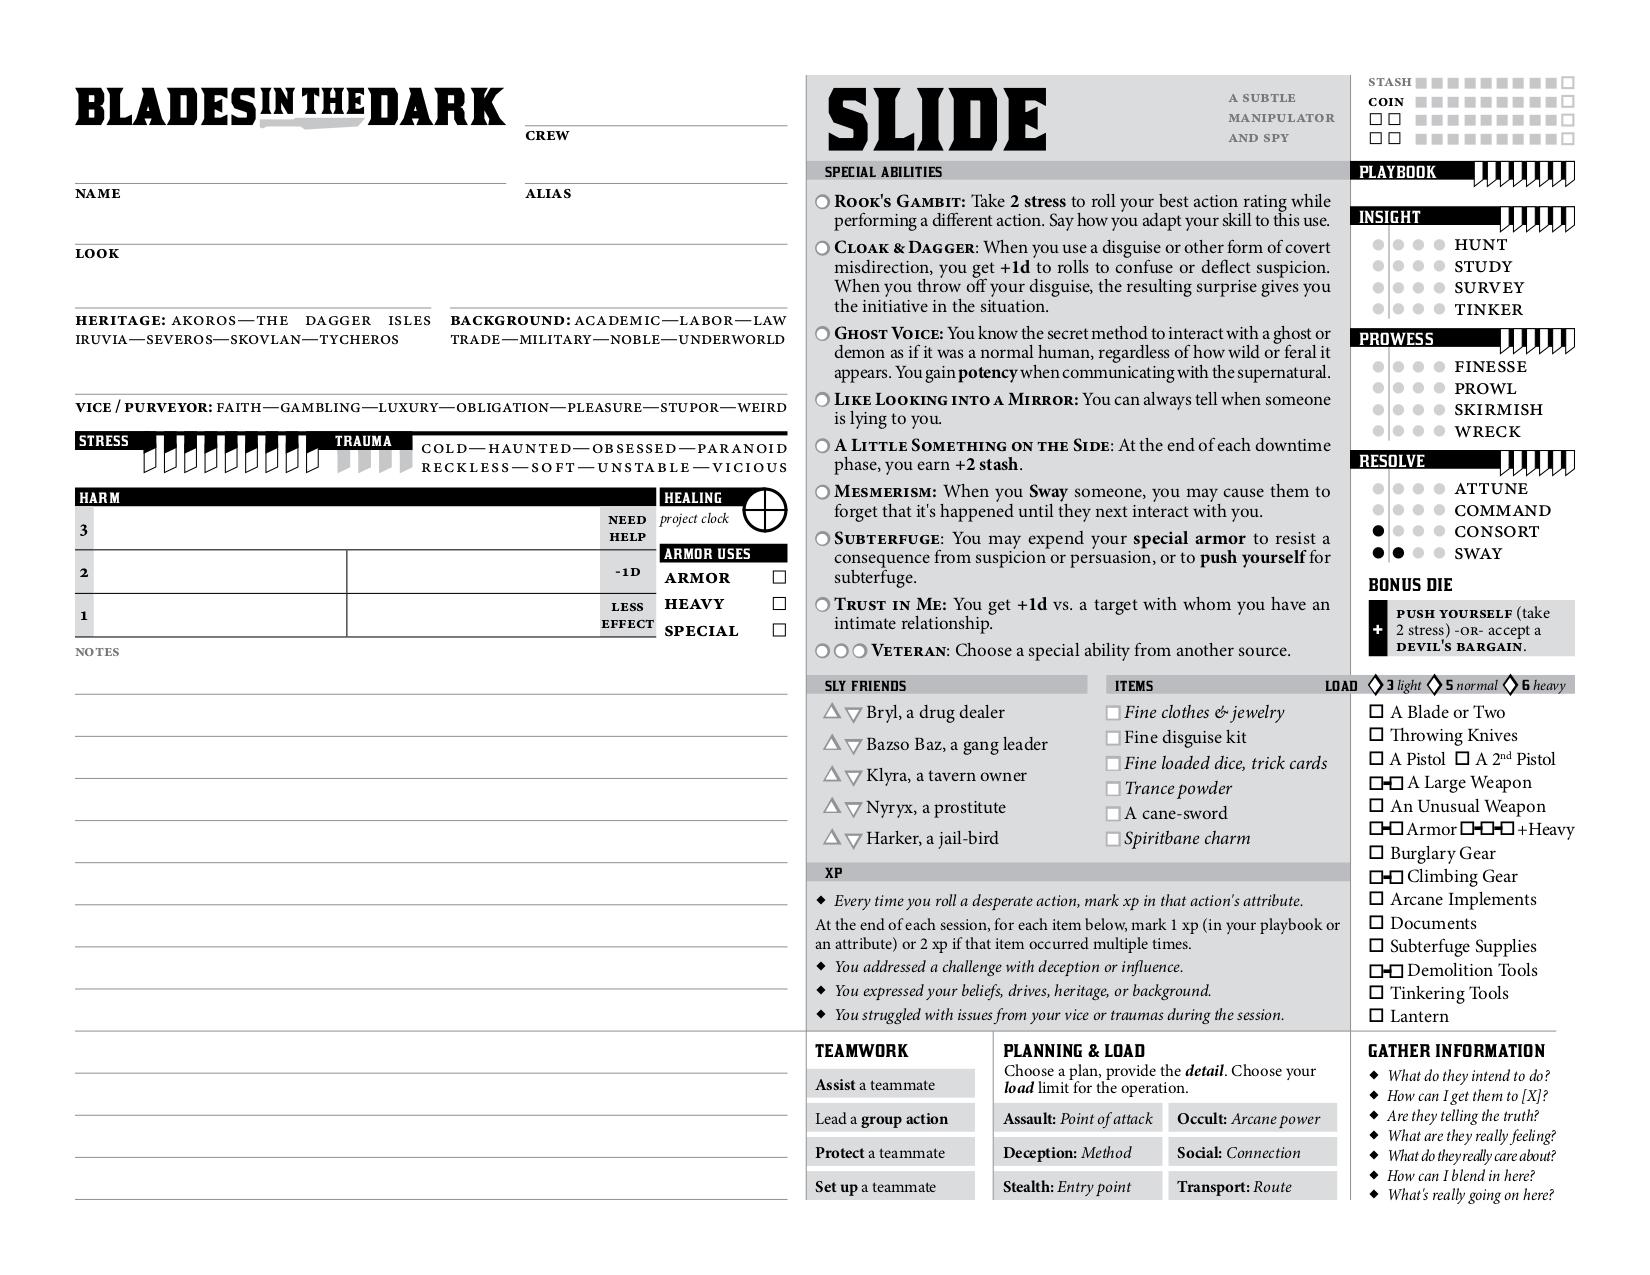 Playbook-Slide.jpg